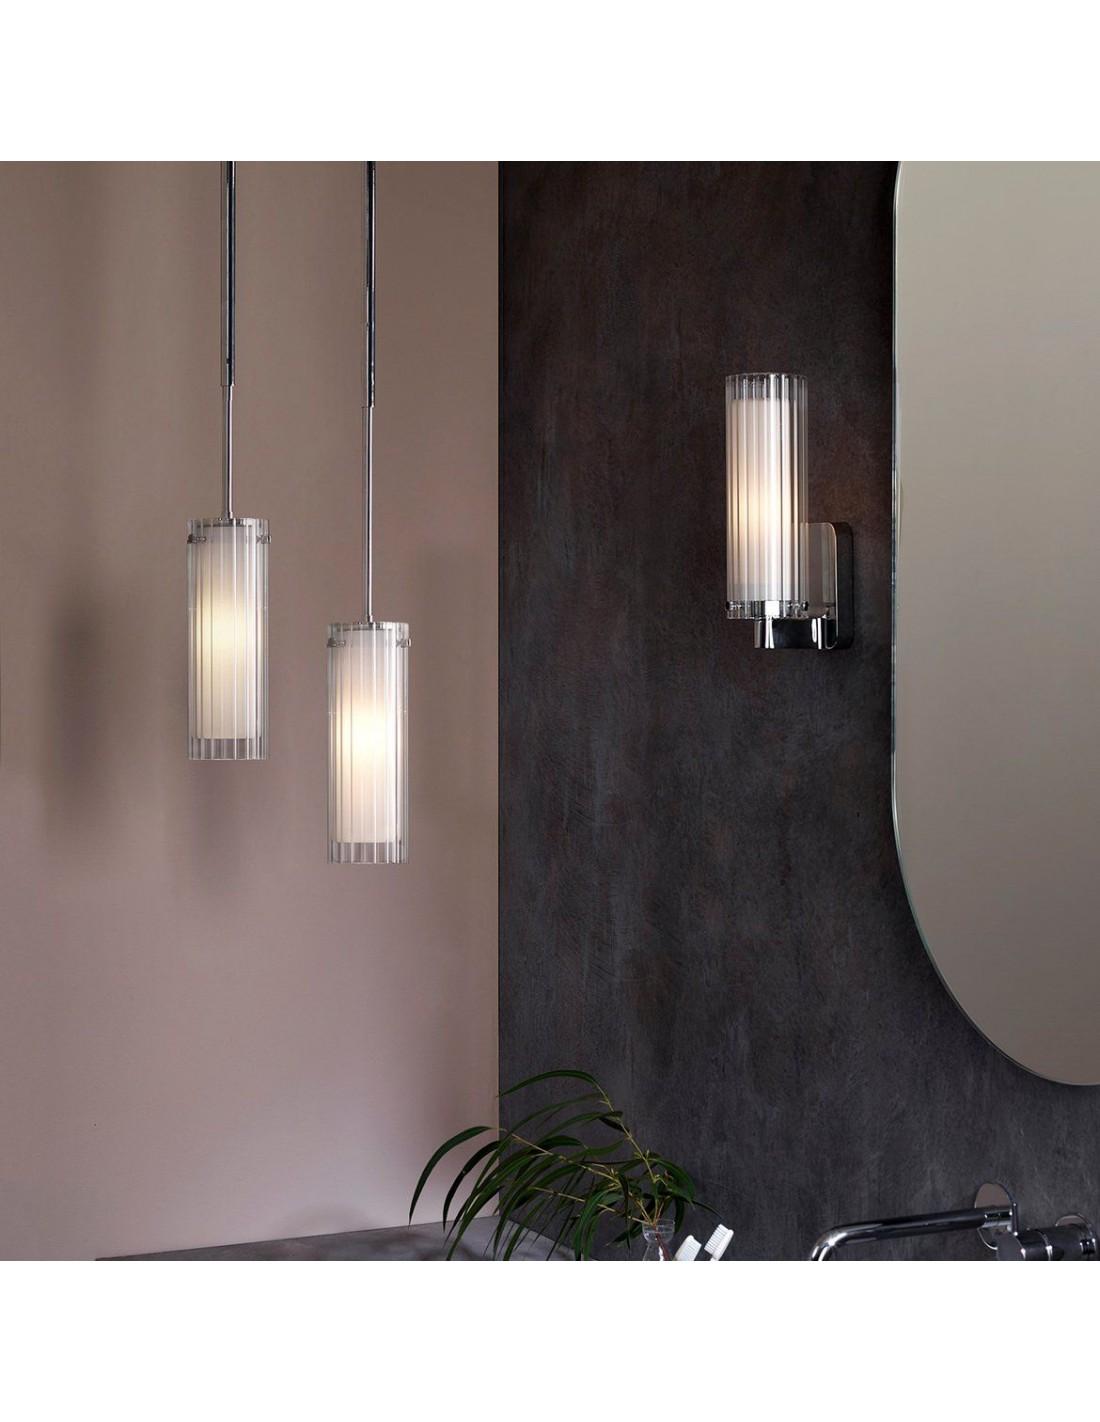 Suspension et applique Ottavino Astro Lighting Valente Design